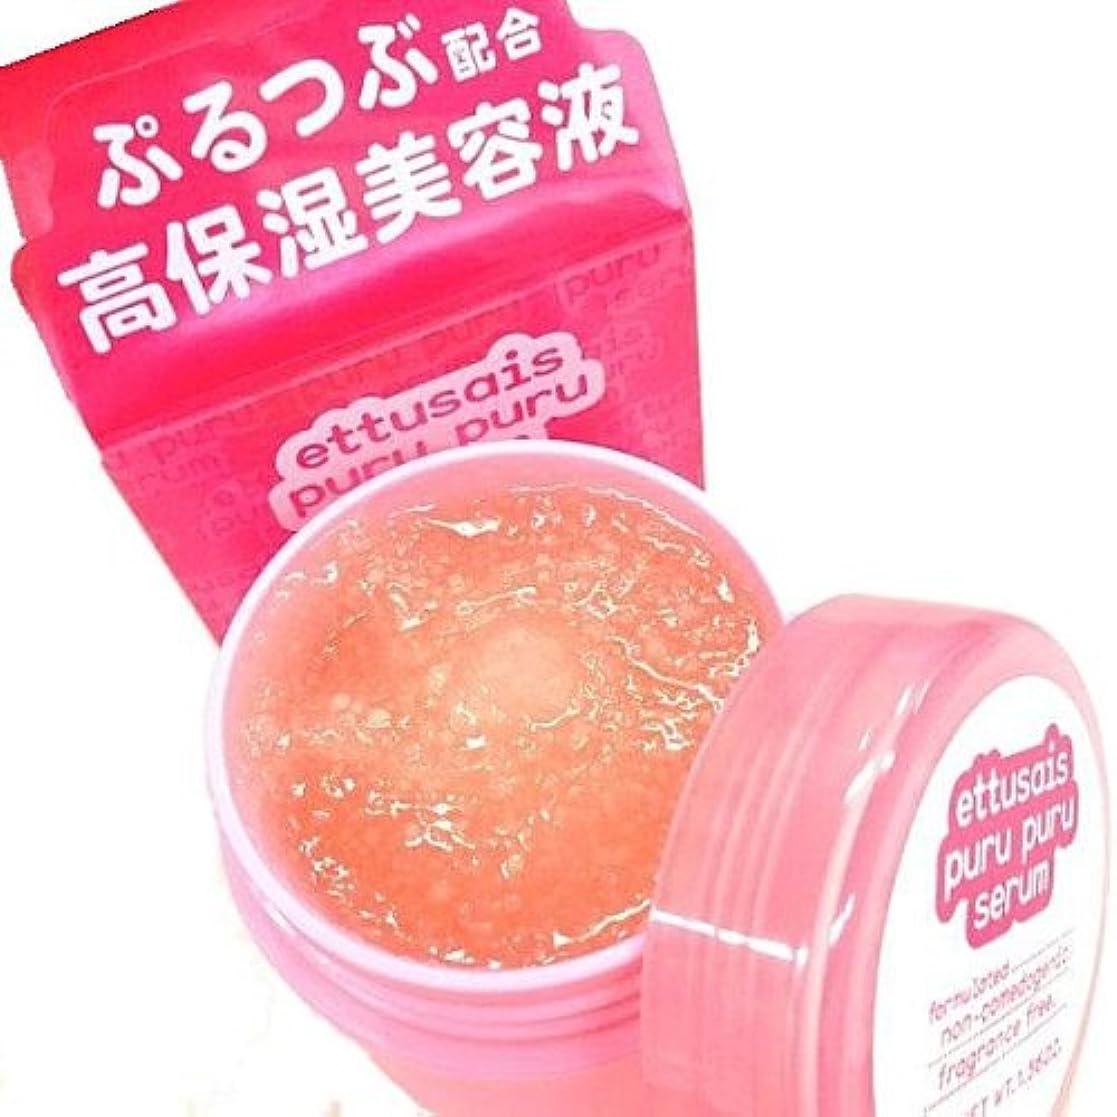 提案規制する試みエテュセ ぷるつぶセラム 47g(濃厚保湿美容液)